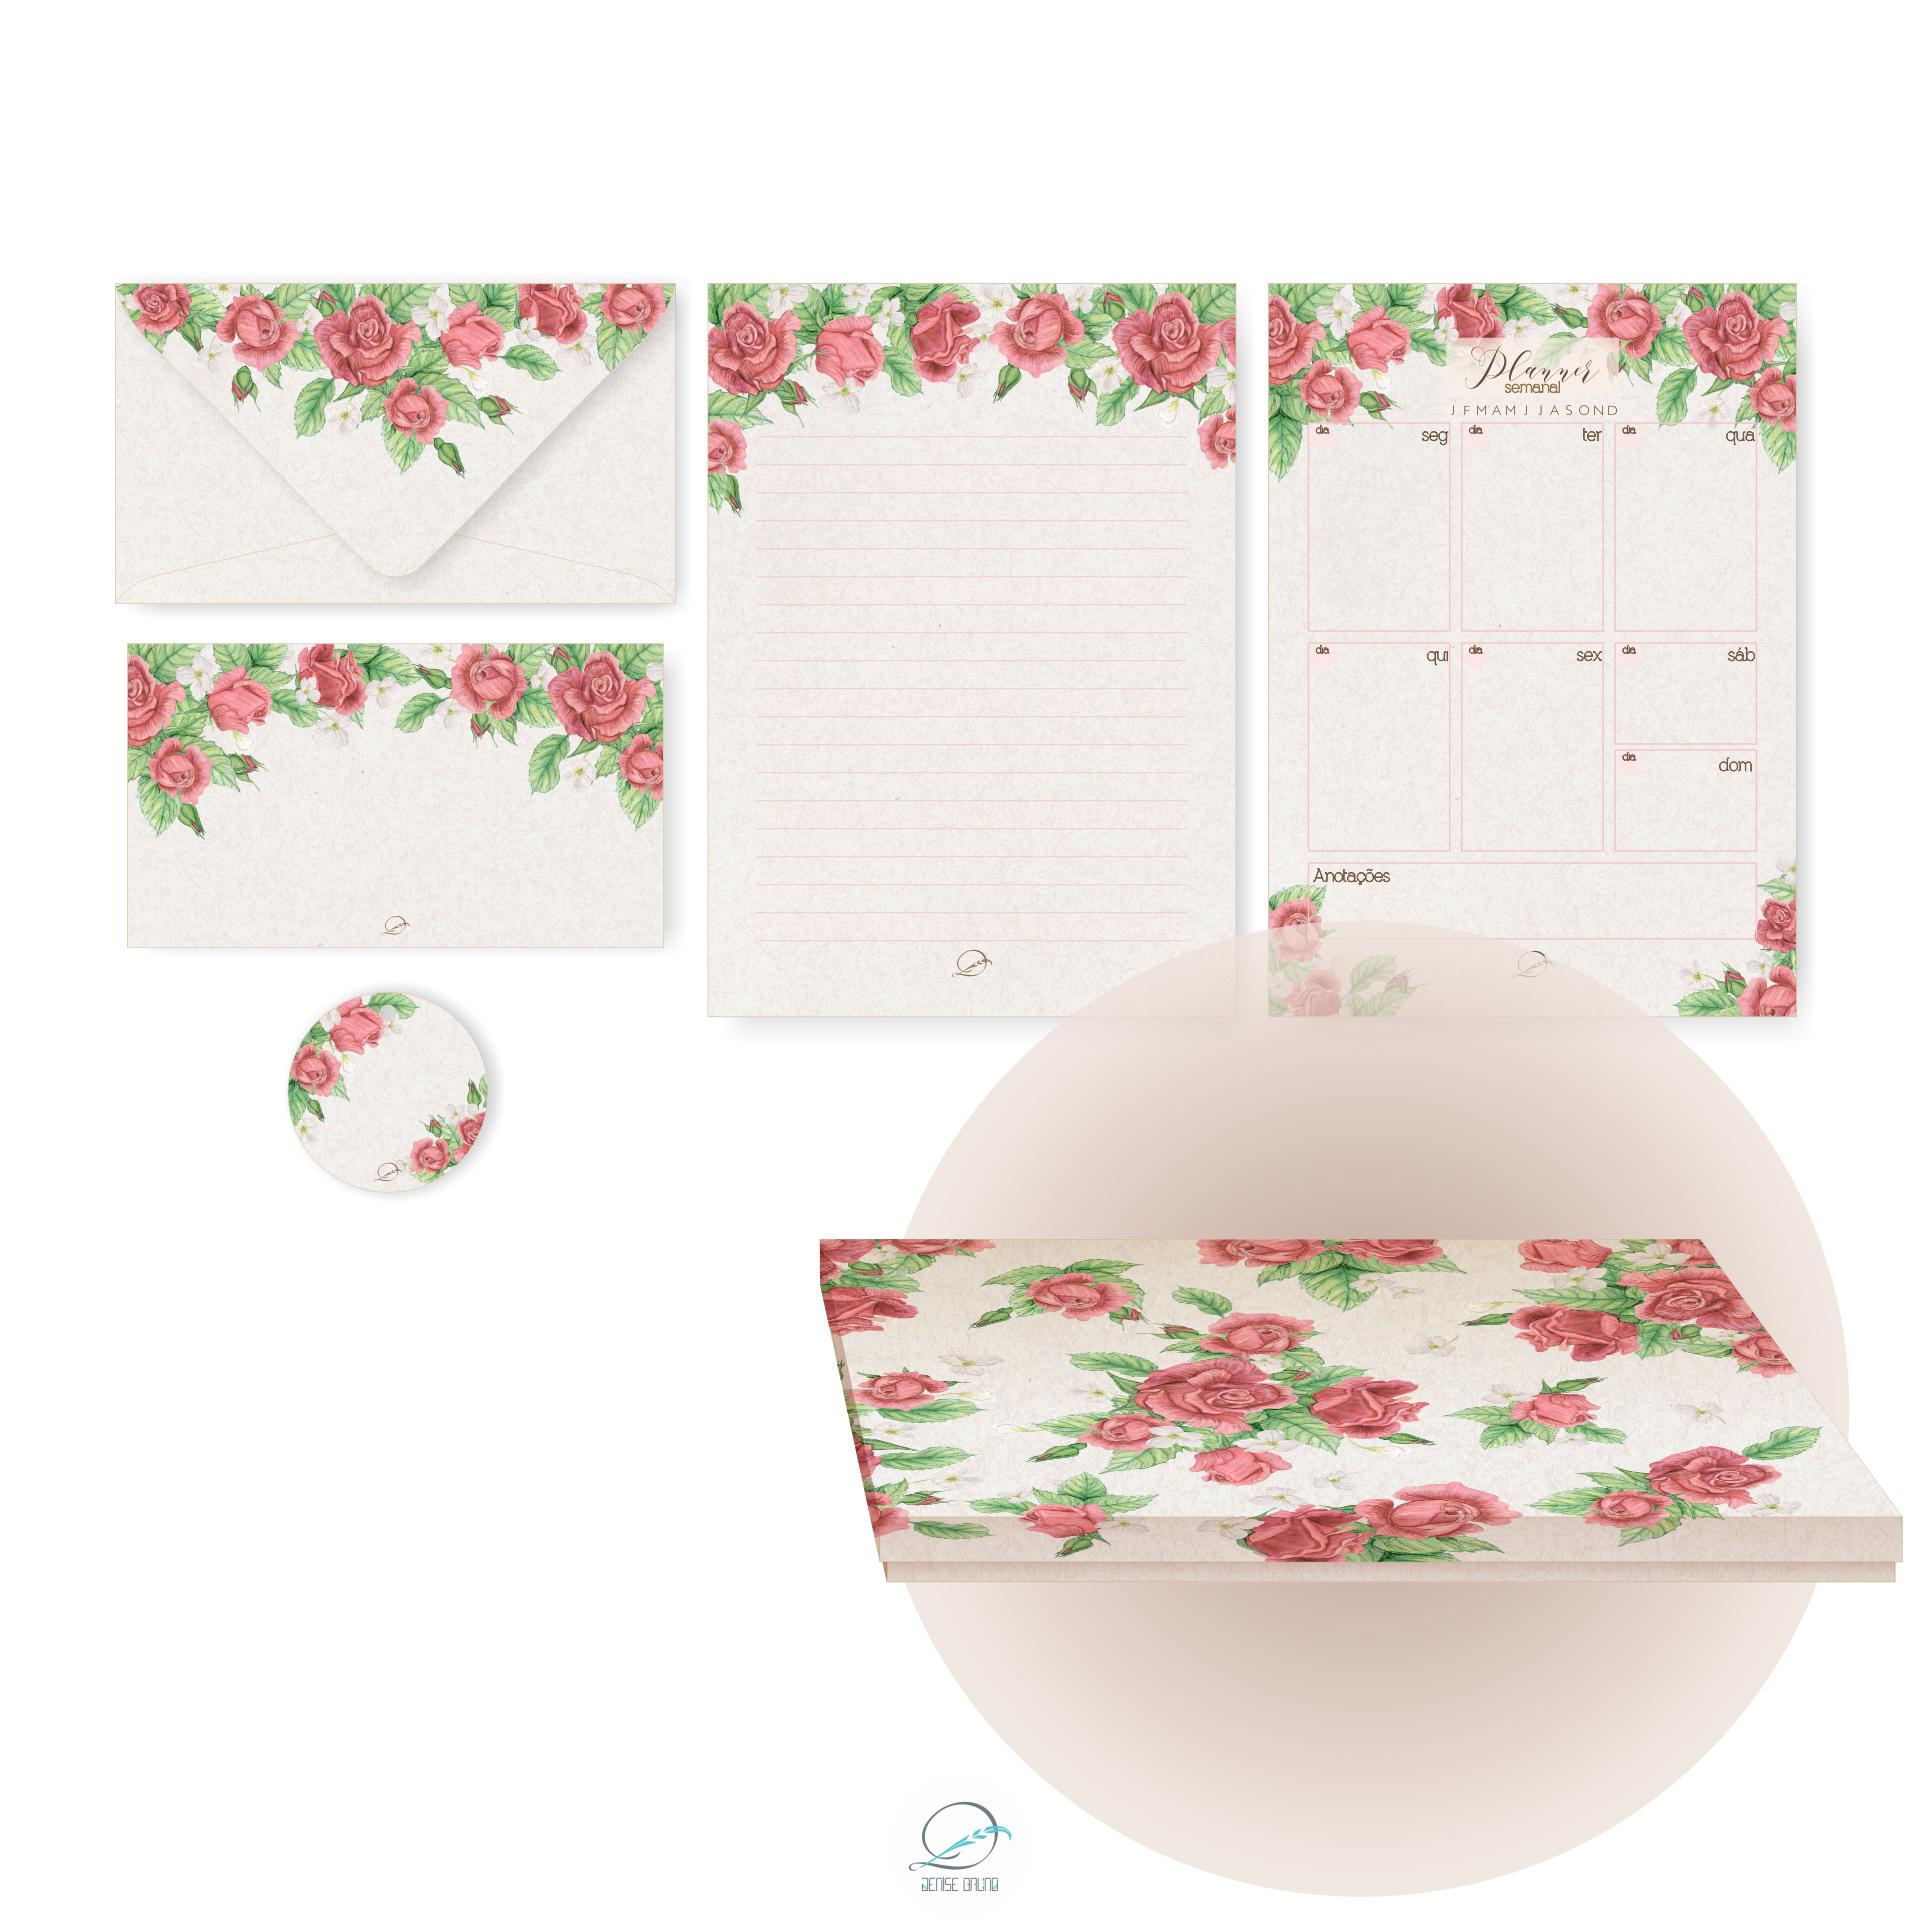 Kit papelaria presente 1 – Personalizado – Com caixa decorativa